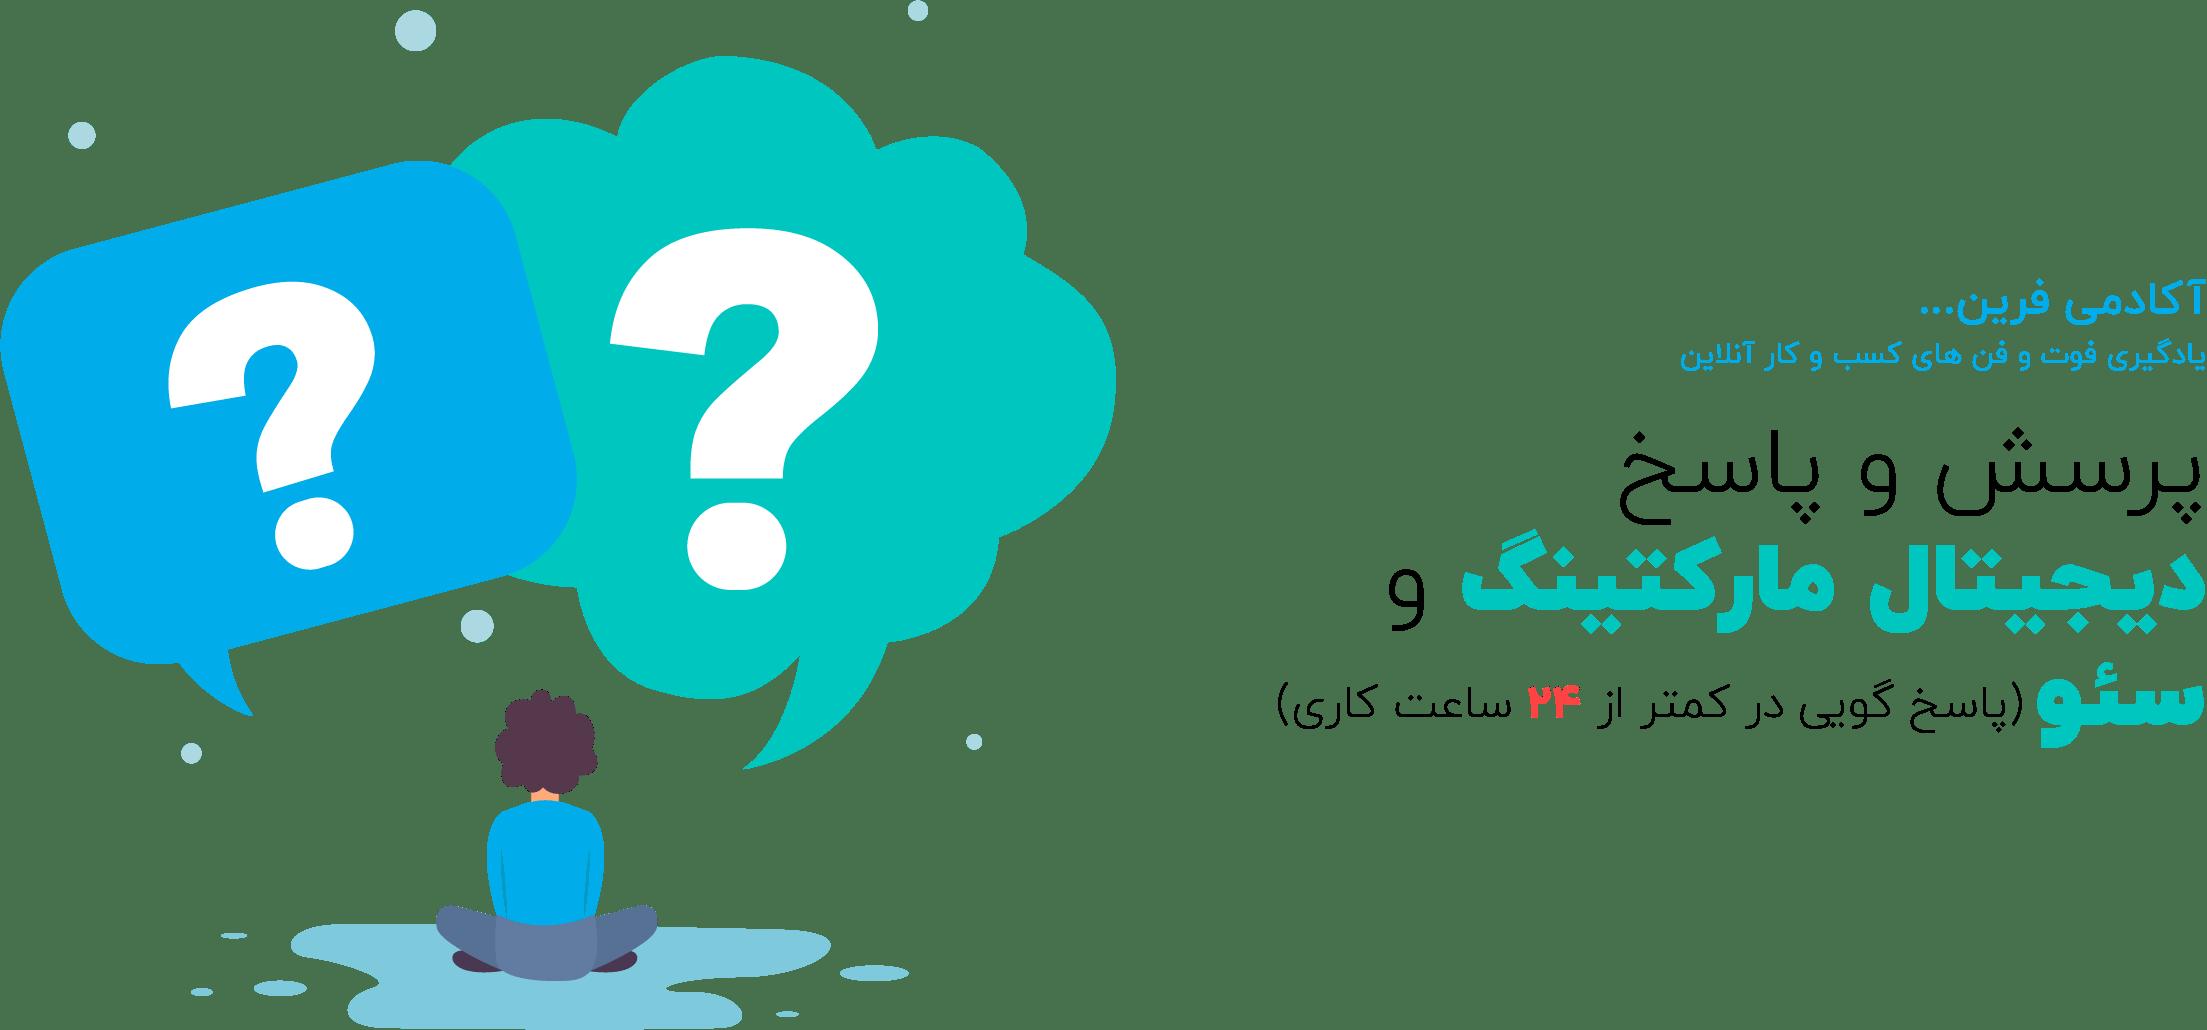 پرسش و پاسخ دیجیتال مارکتینگ و سئو